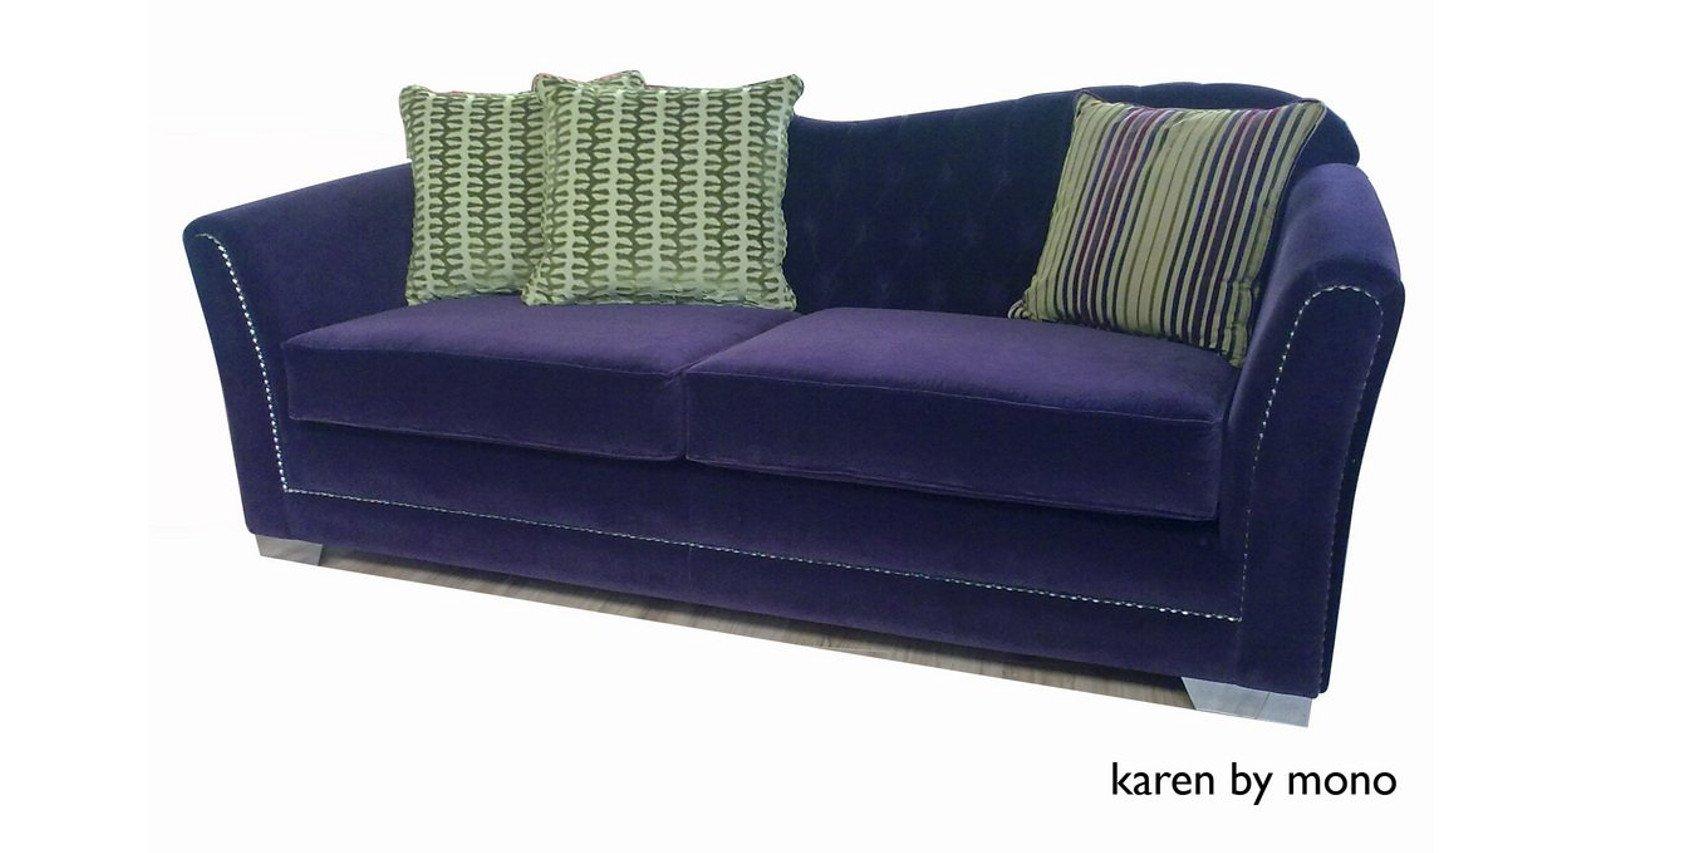 Karen Sofa – Mono Furniture Within Karen Sofa Chairs (Image 12 of 25)